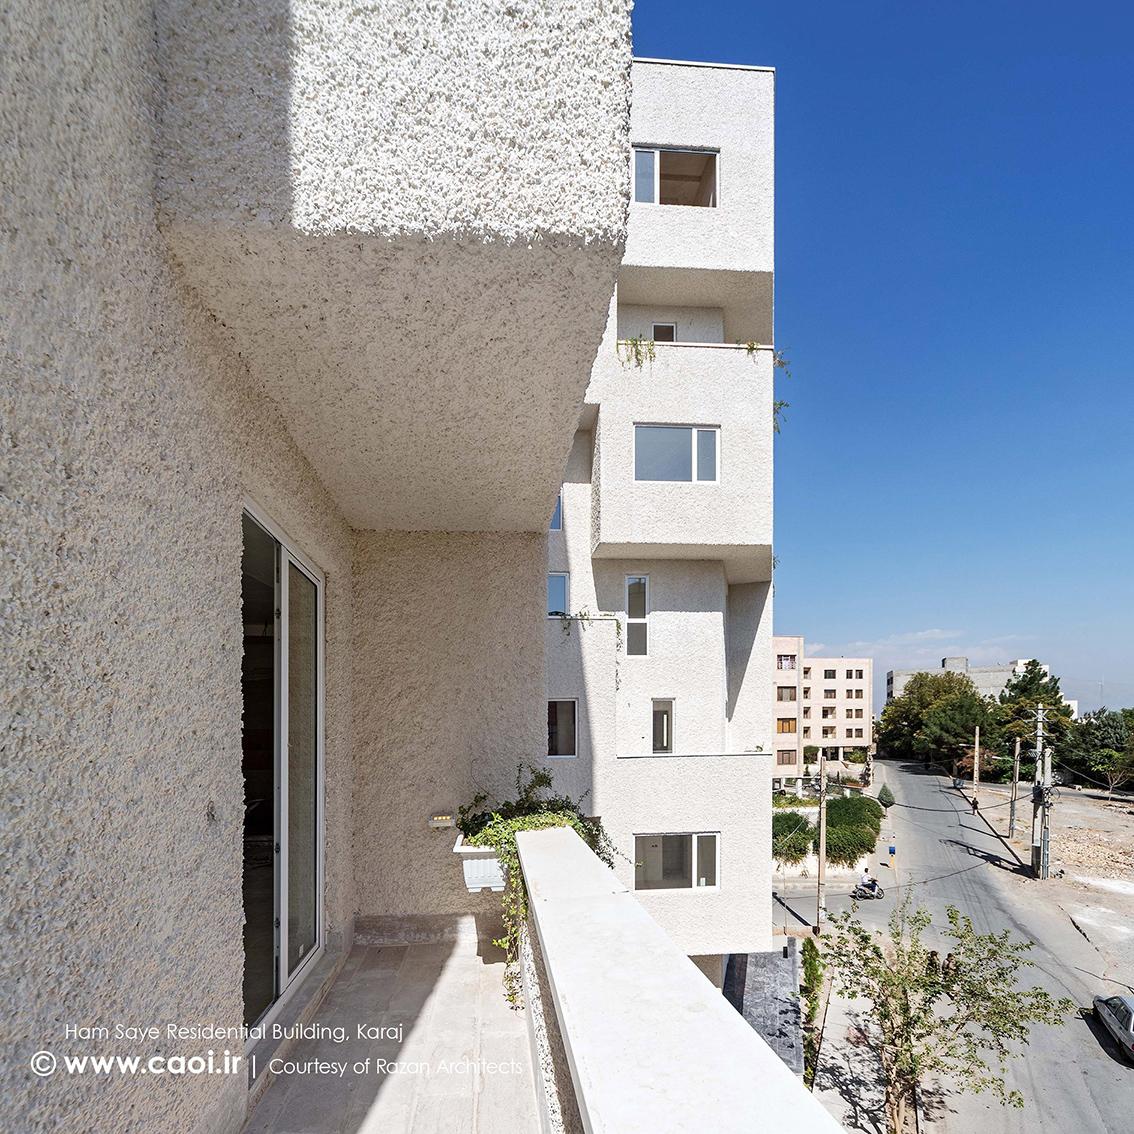 تراس مجتمع مسکونی,نمای ساختمان مسکونی همسایه,نمای مجتمع مسکونی,طراحی نمای مجتمع مسکونی